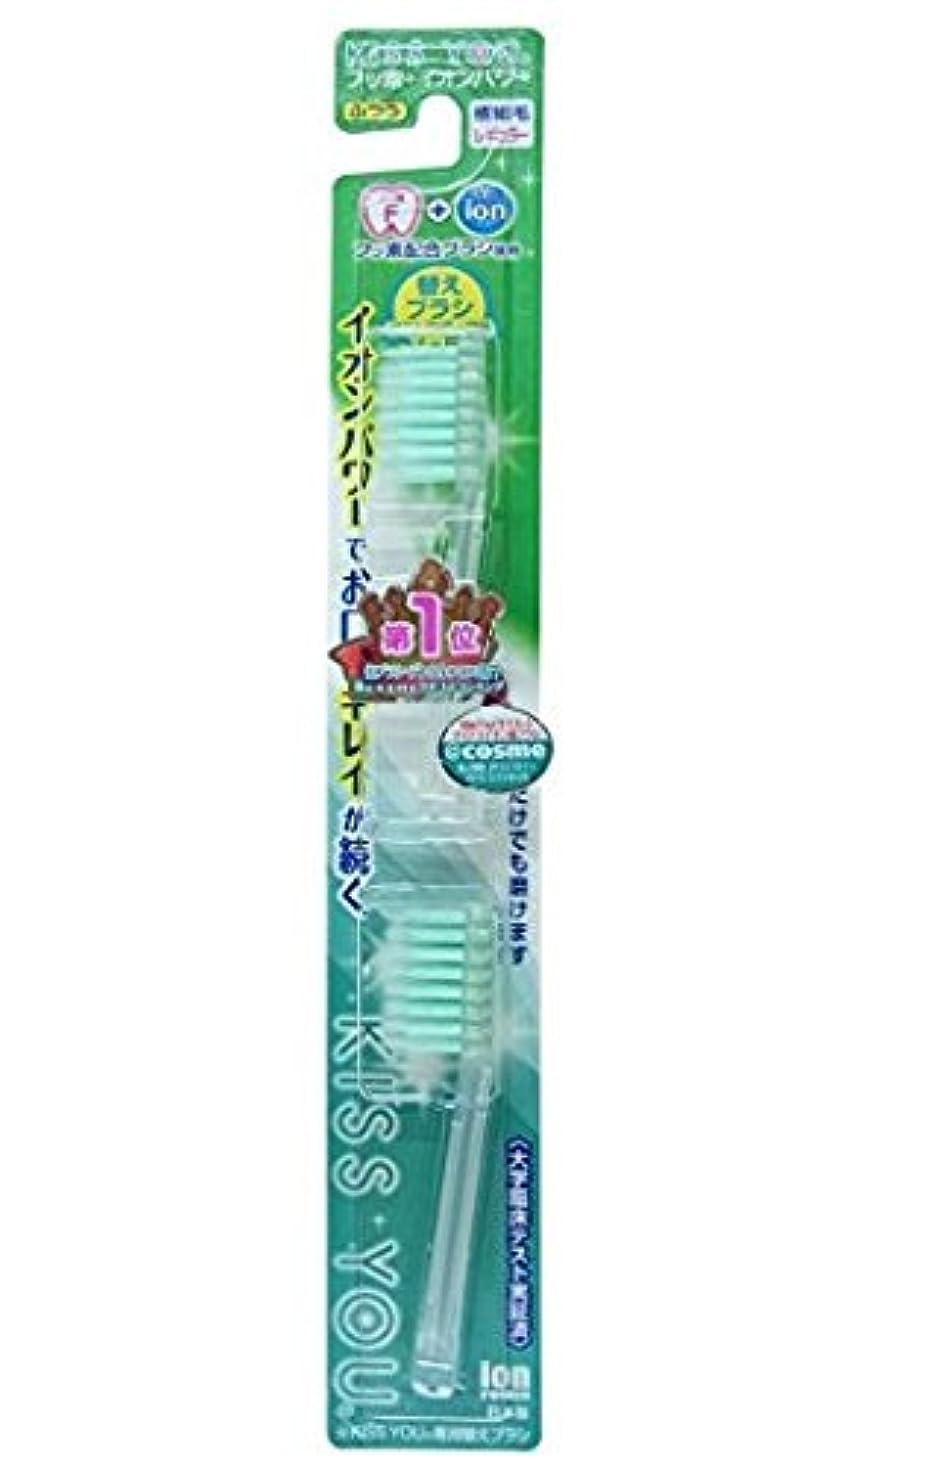 社会主義者覚えている投獄フッ素イオン歯ブラシ極細レギュラー替えブラシふつう × 10個セット